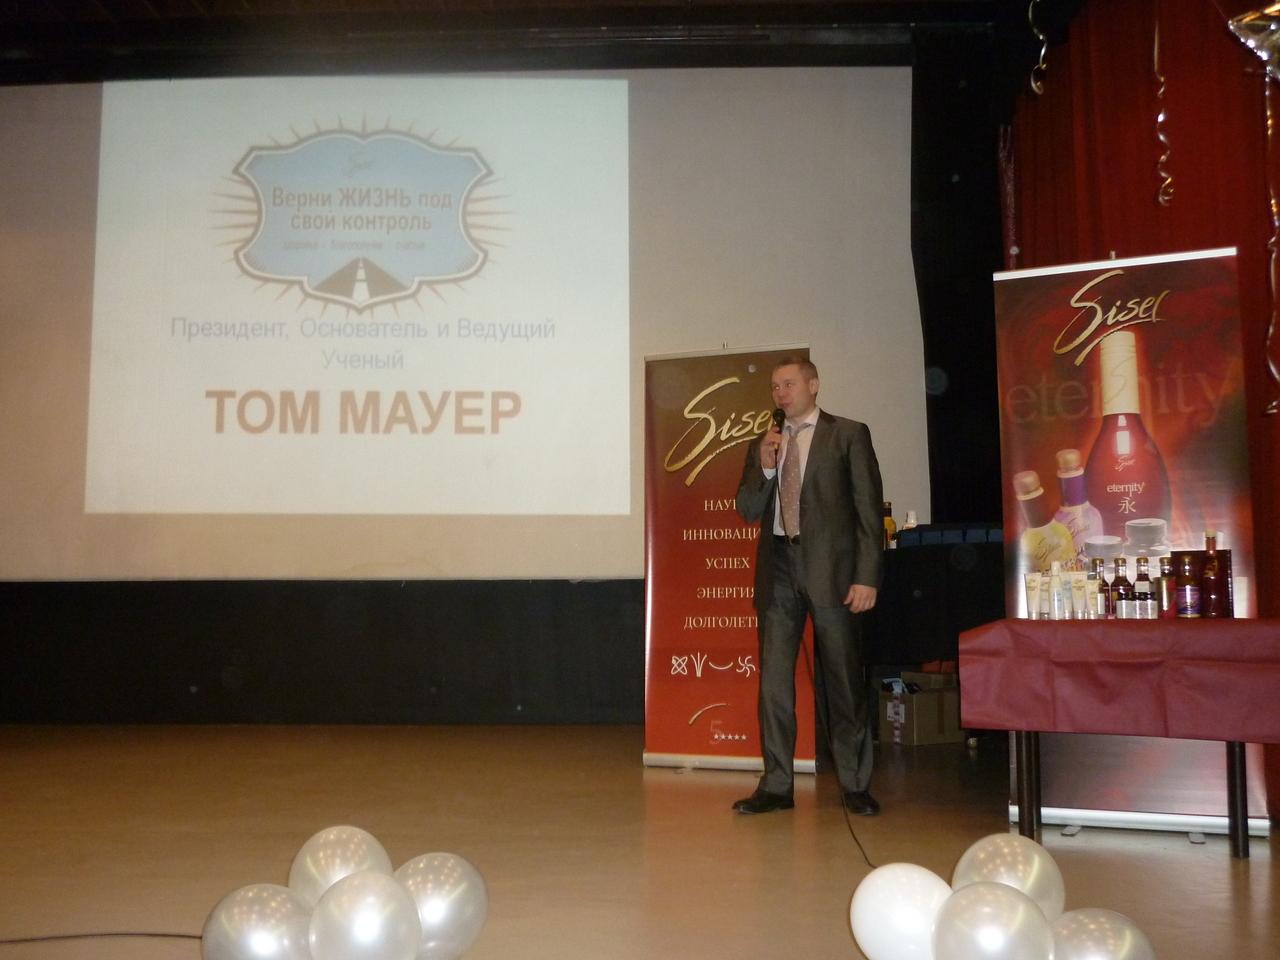 Том Мауэр в Славянском институте на презентации своей компании и продукции. Москва 17.12.2011г.